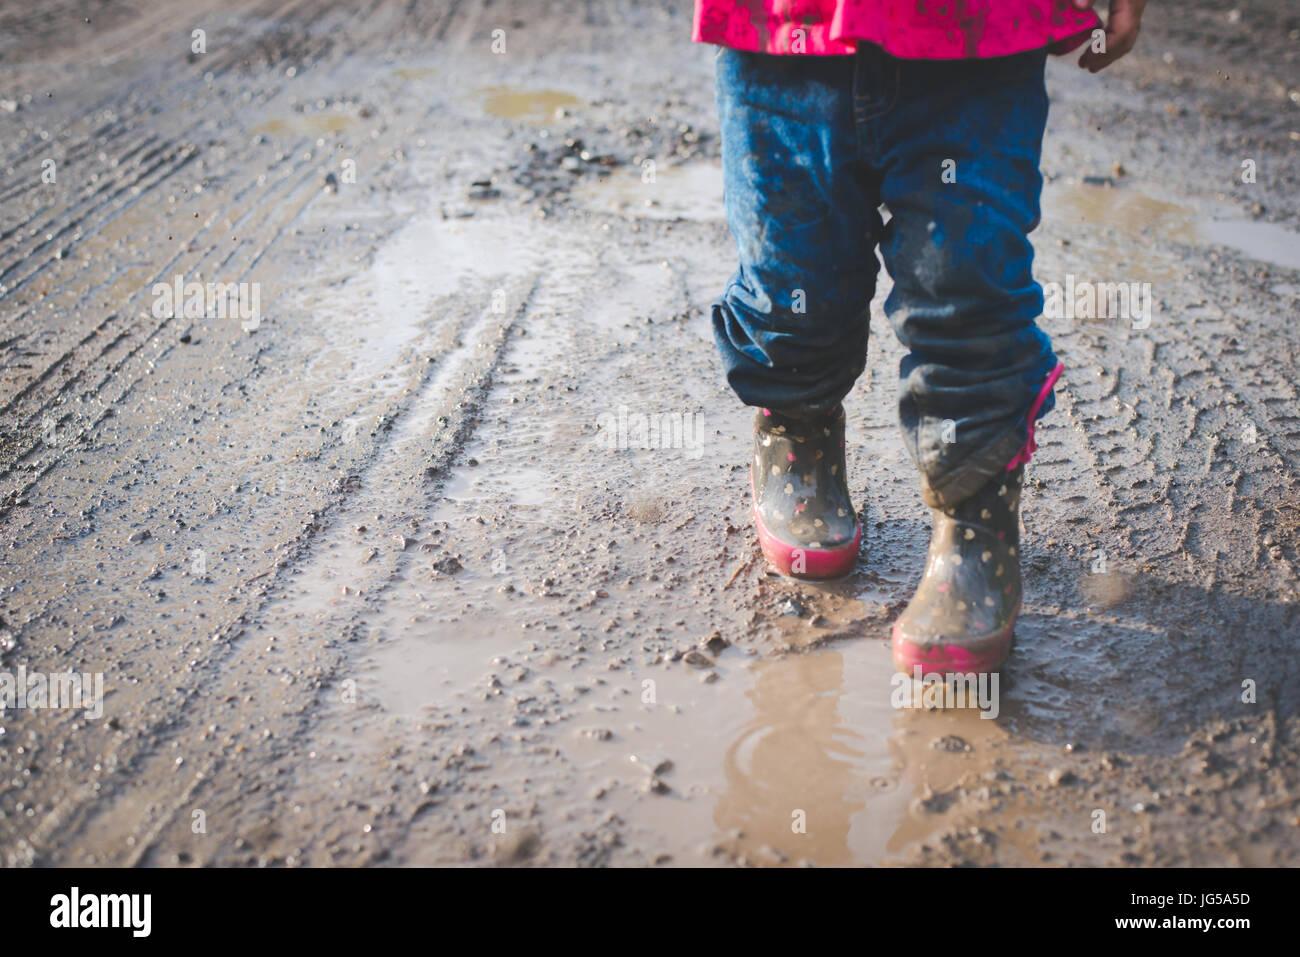 Un bambino cammina nel fango lungo una strada di campagna in Pennsylvania. Immagini Stock